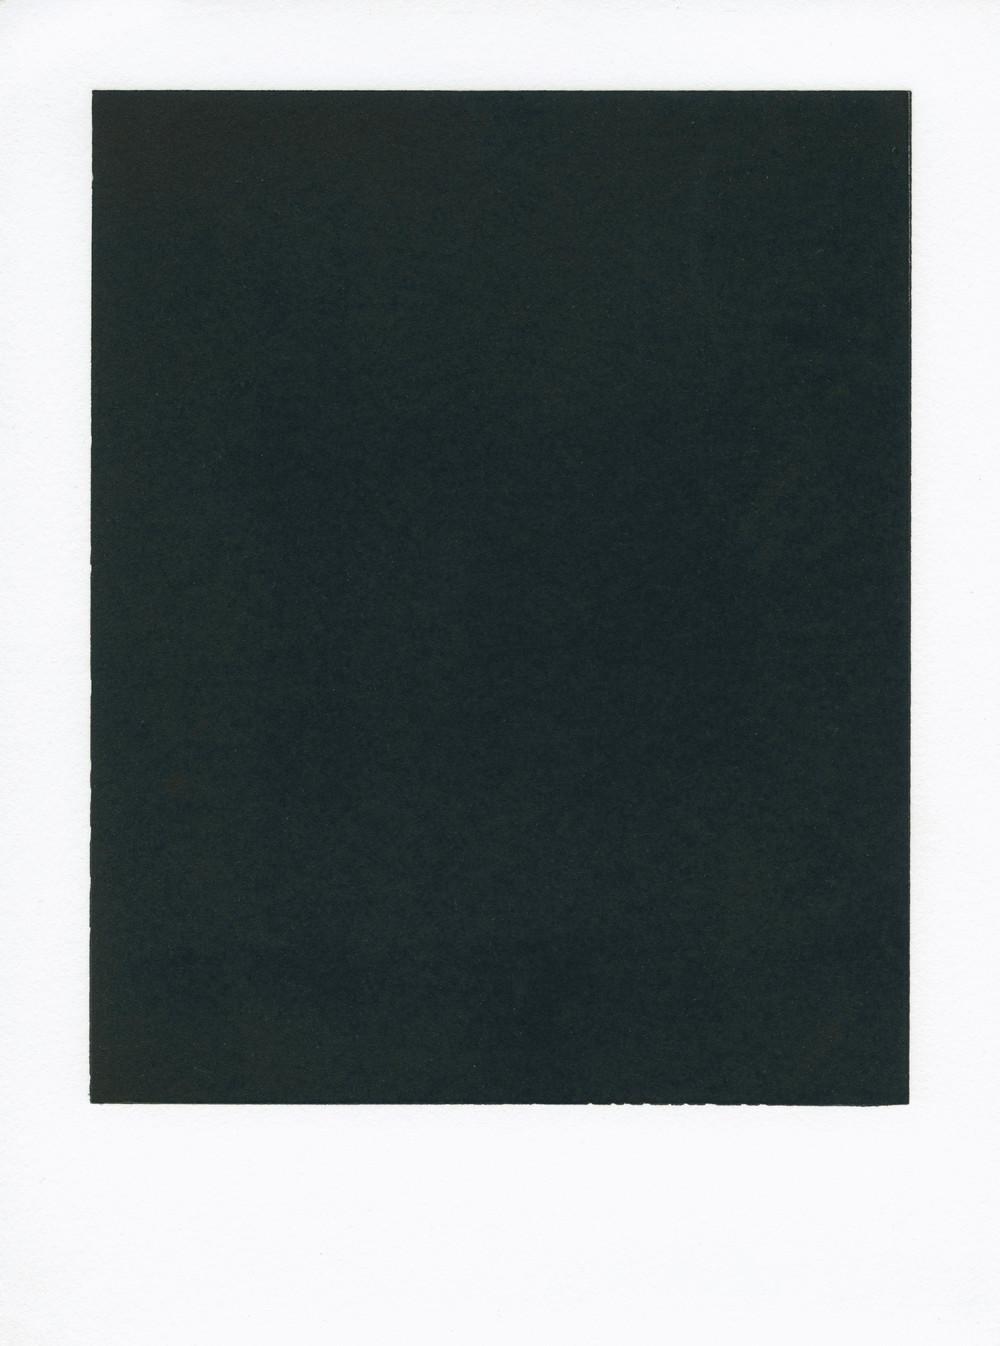 Untitled (velvet)